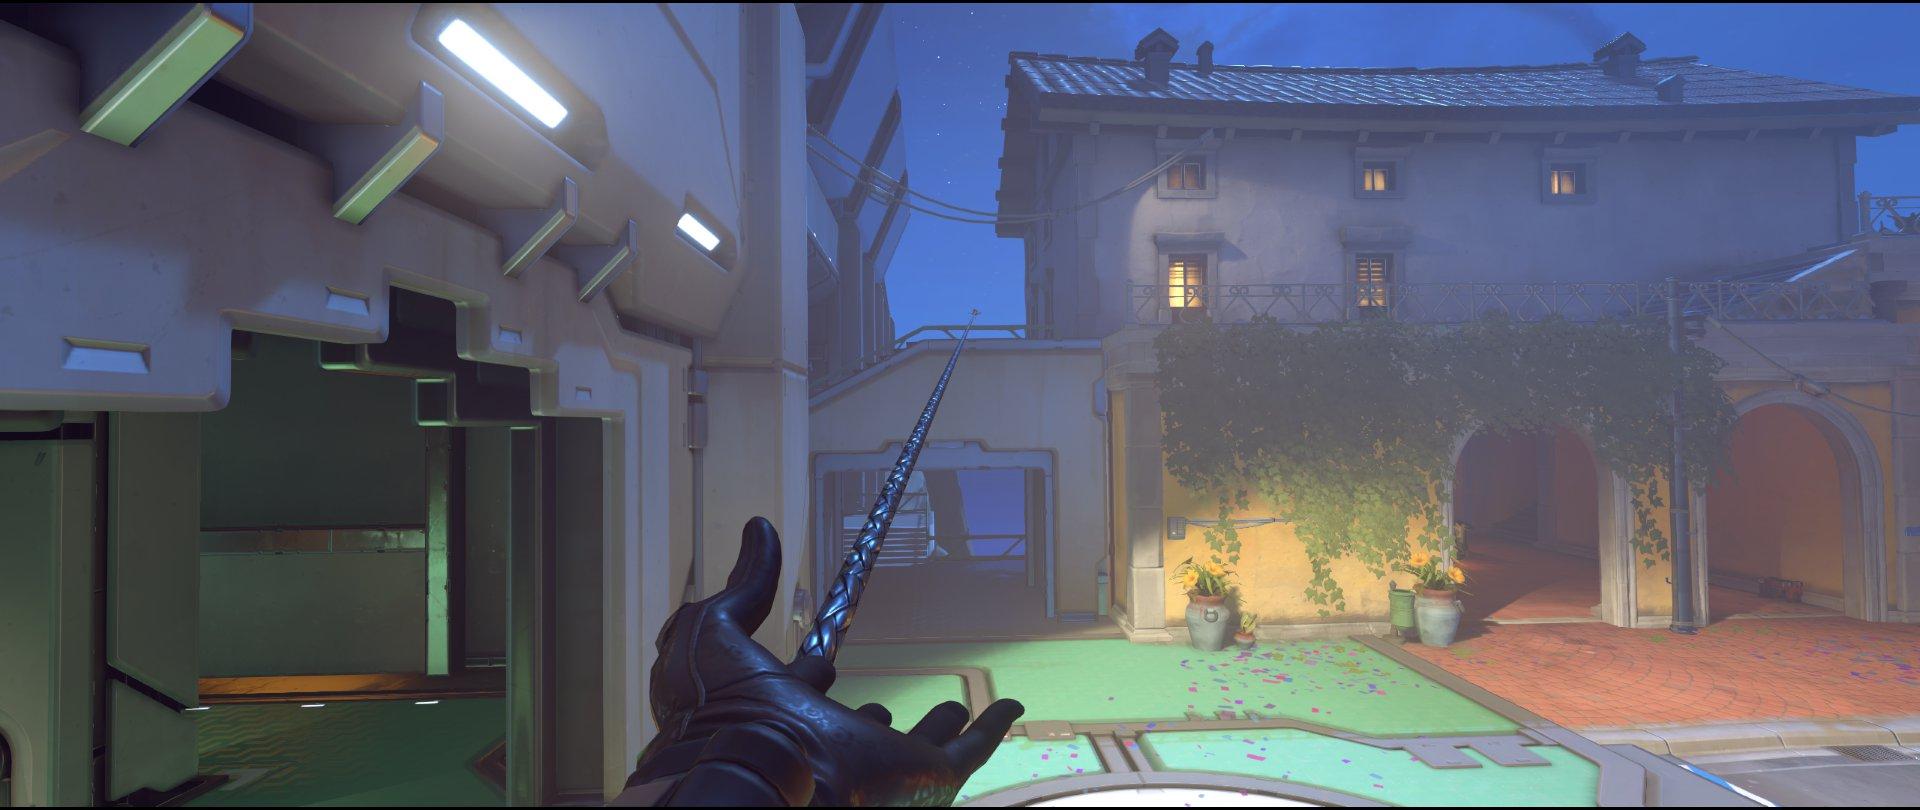 Pass to Ivy defense sniping spot Widowmaker Dorado.jpg